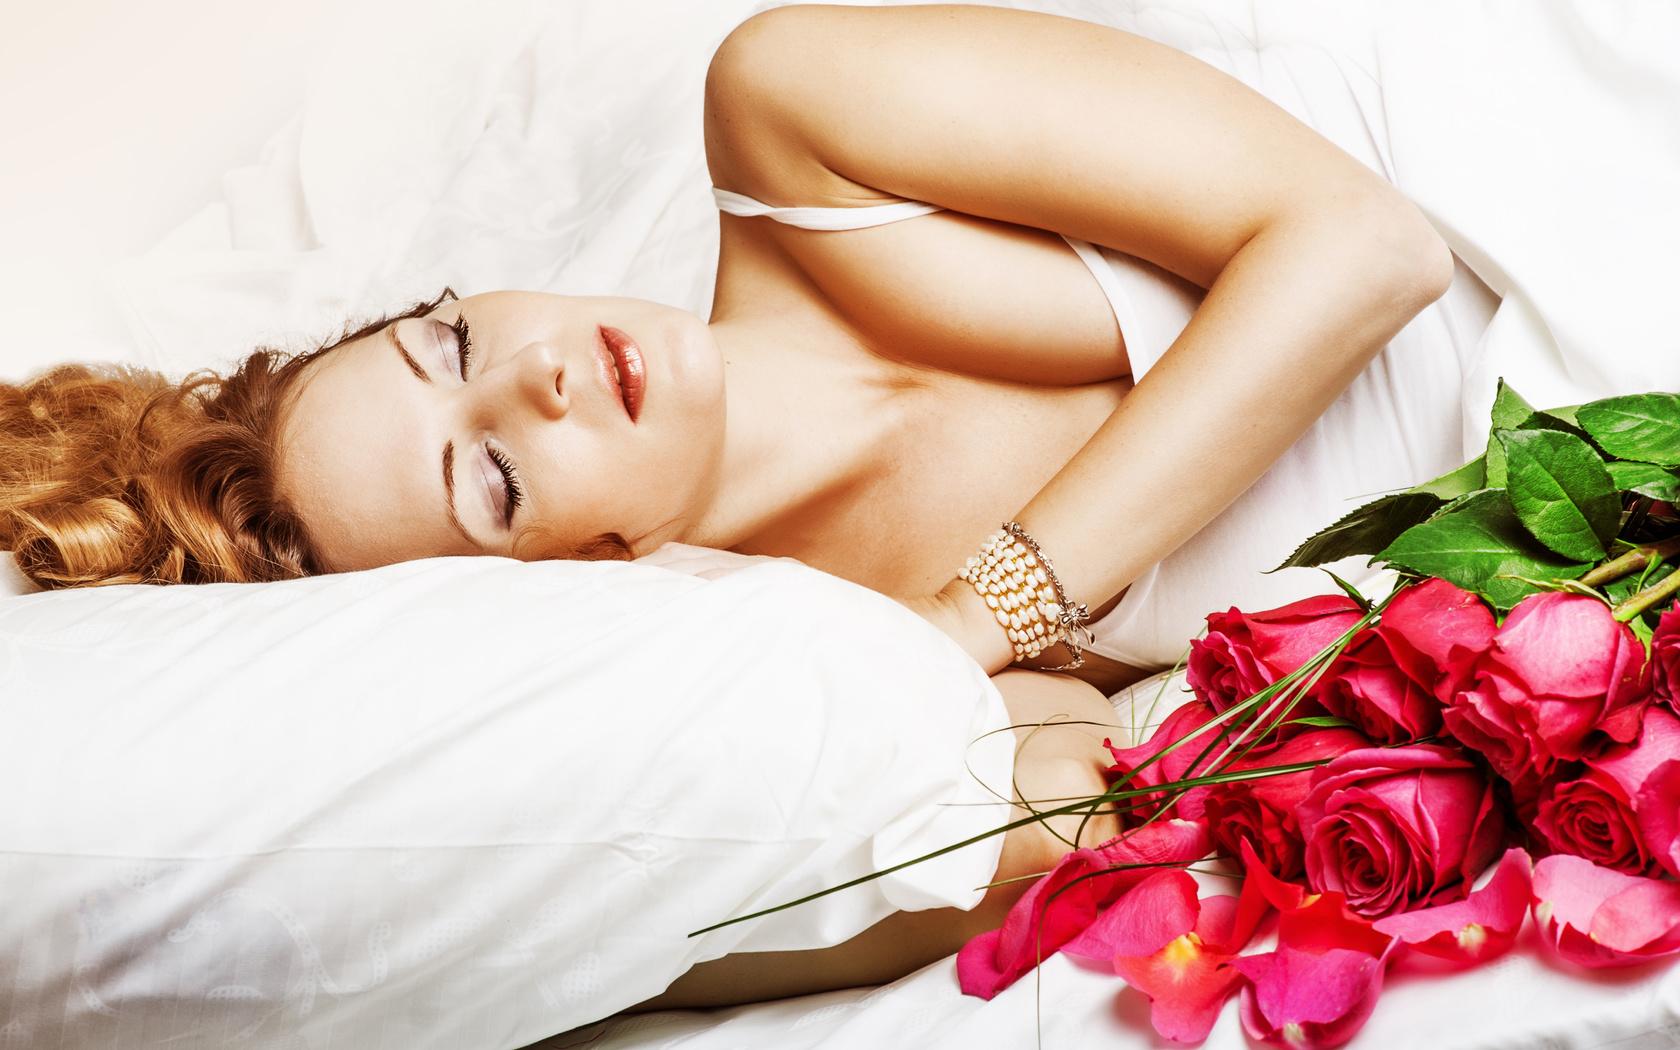 Цветы сон дарят в котором розовые